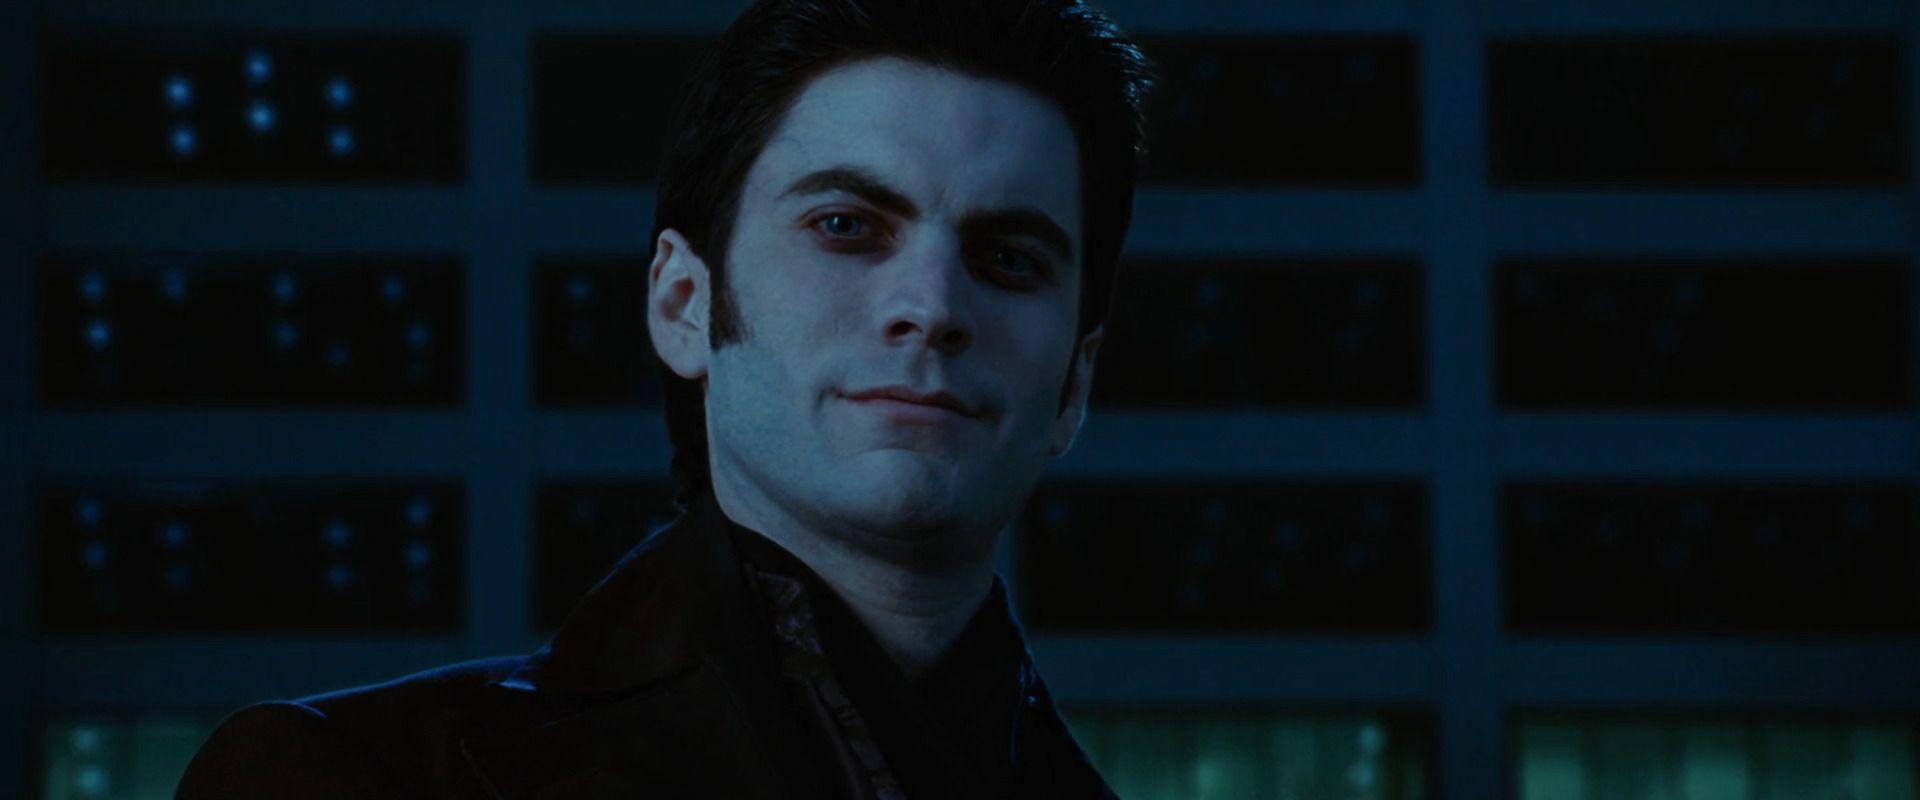 Ghost Rider (2007) - Movie Screencaps.com